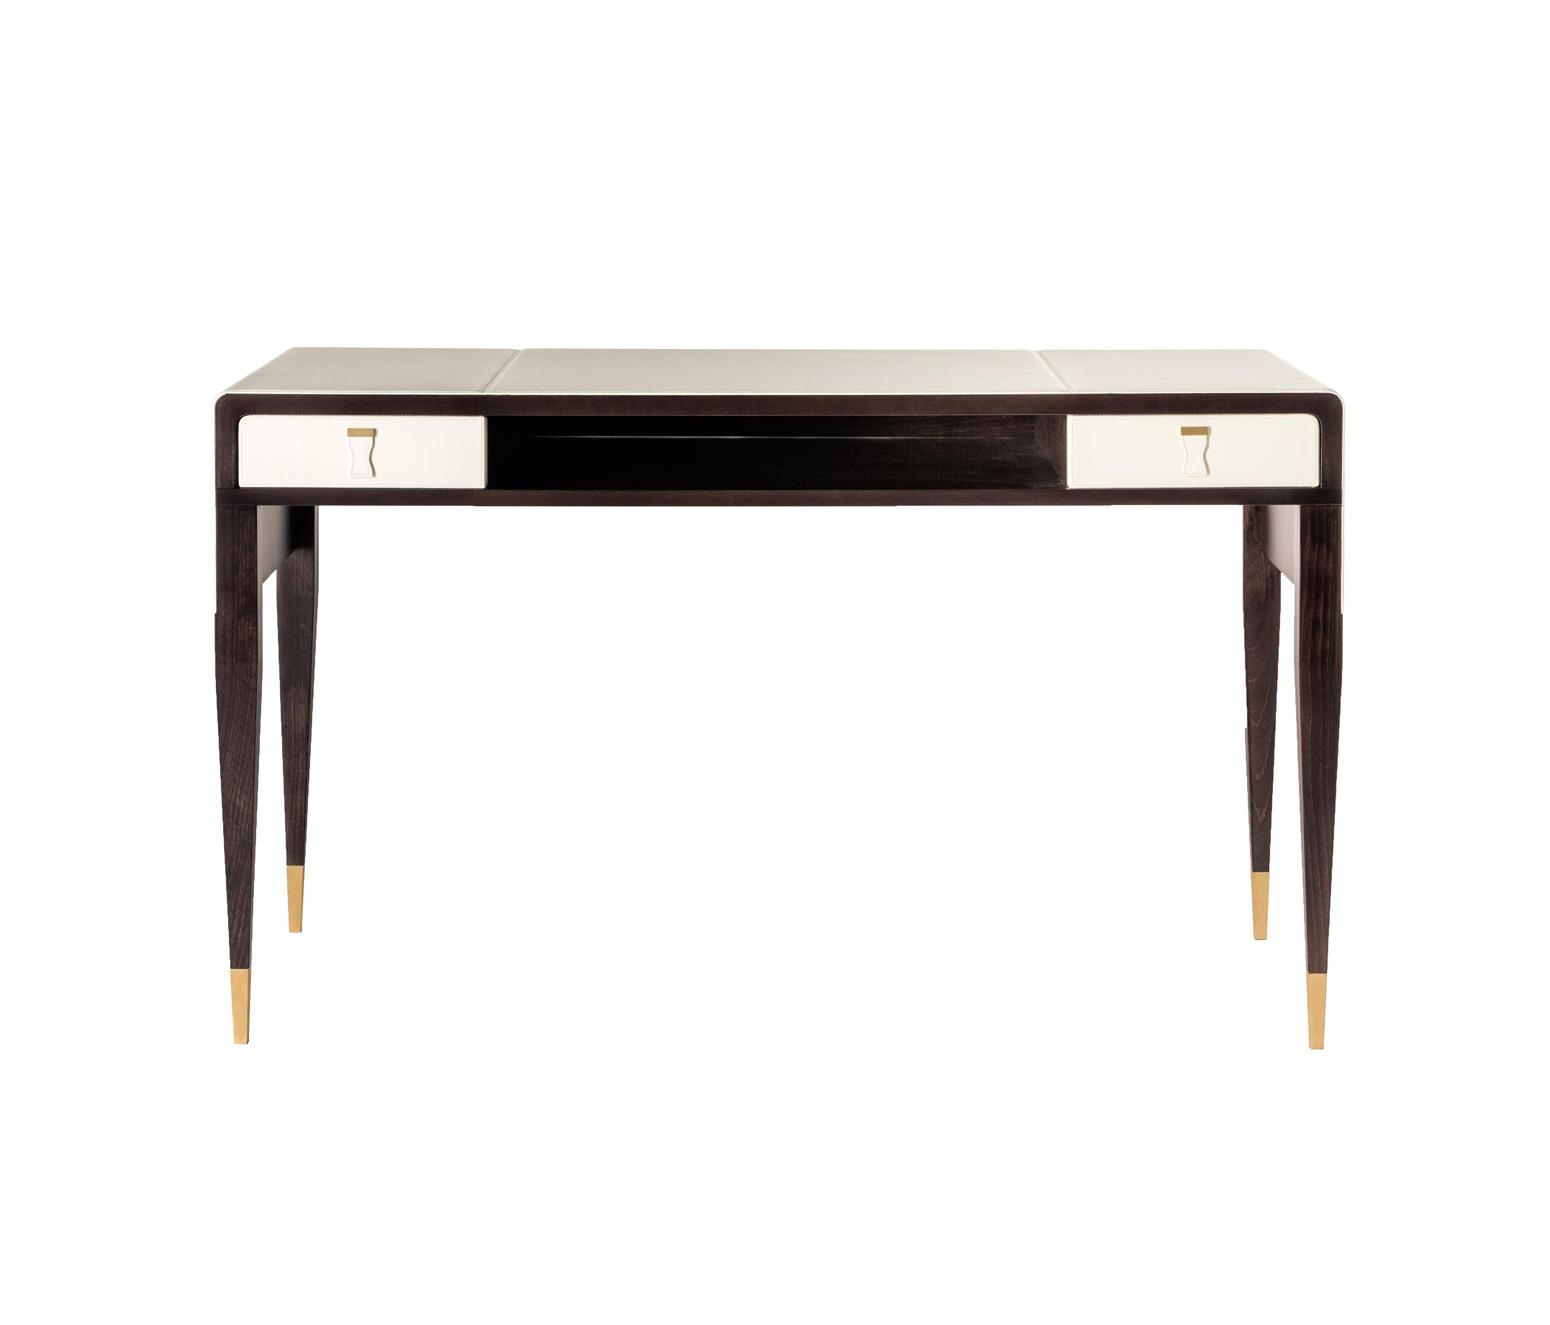 Rio Novo Desk Desks From Rubelli Architonic # Muebles Novo Stylo